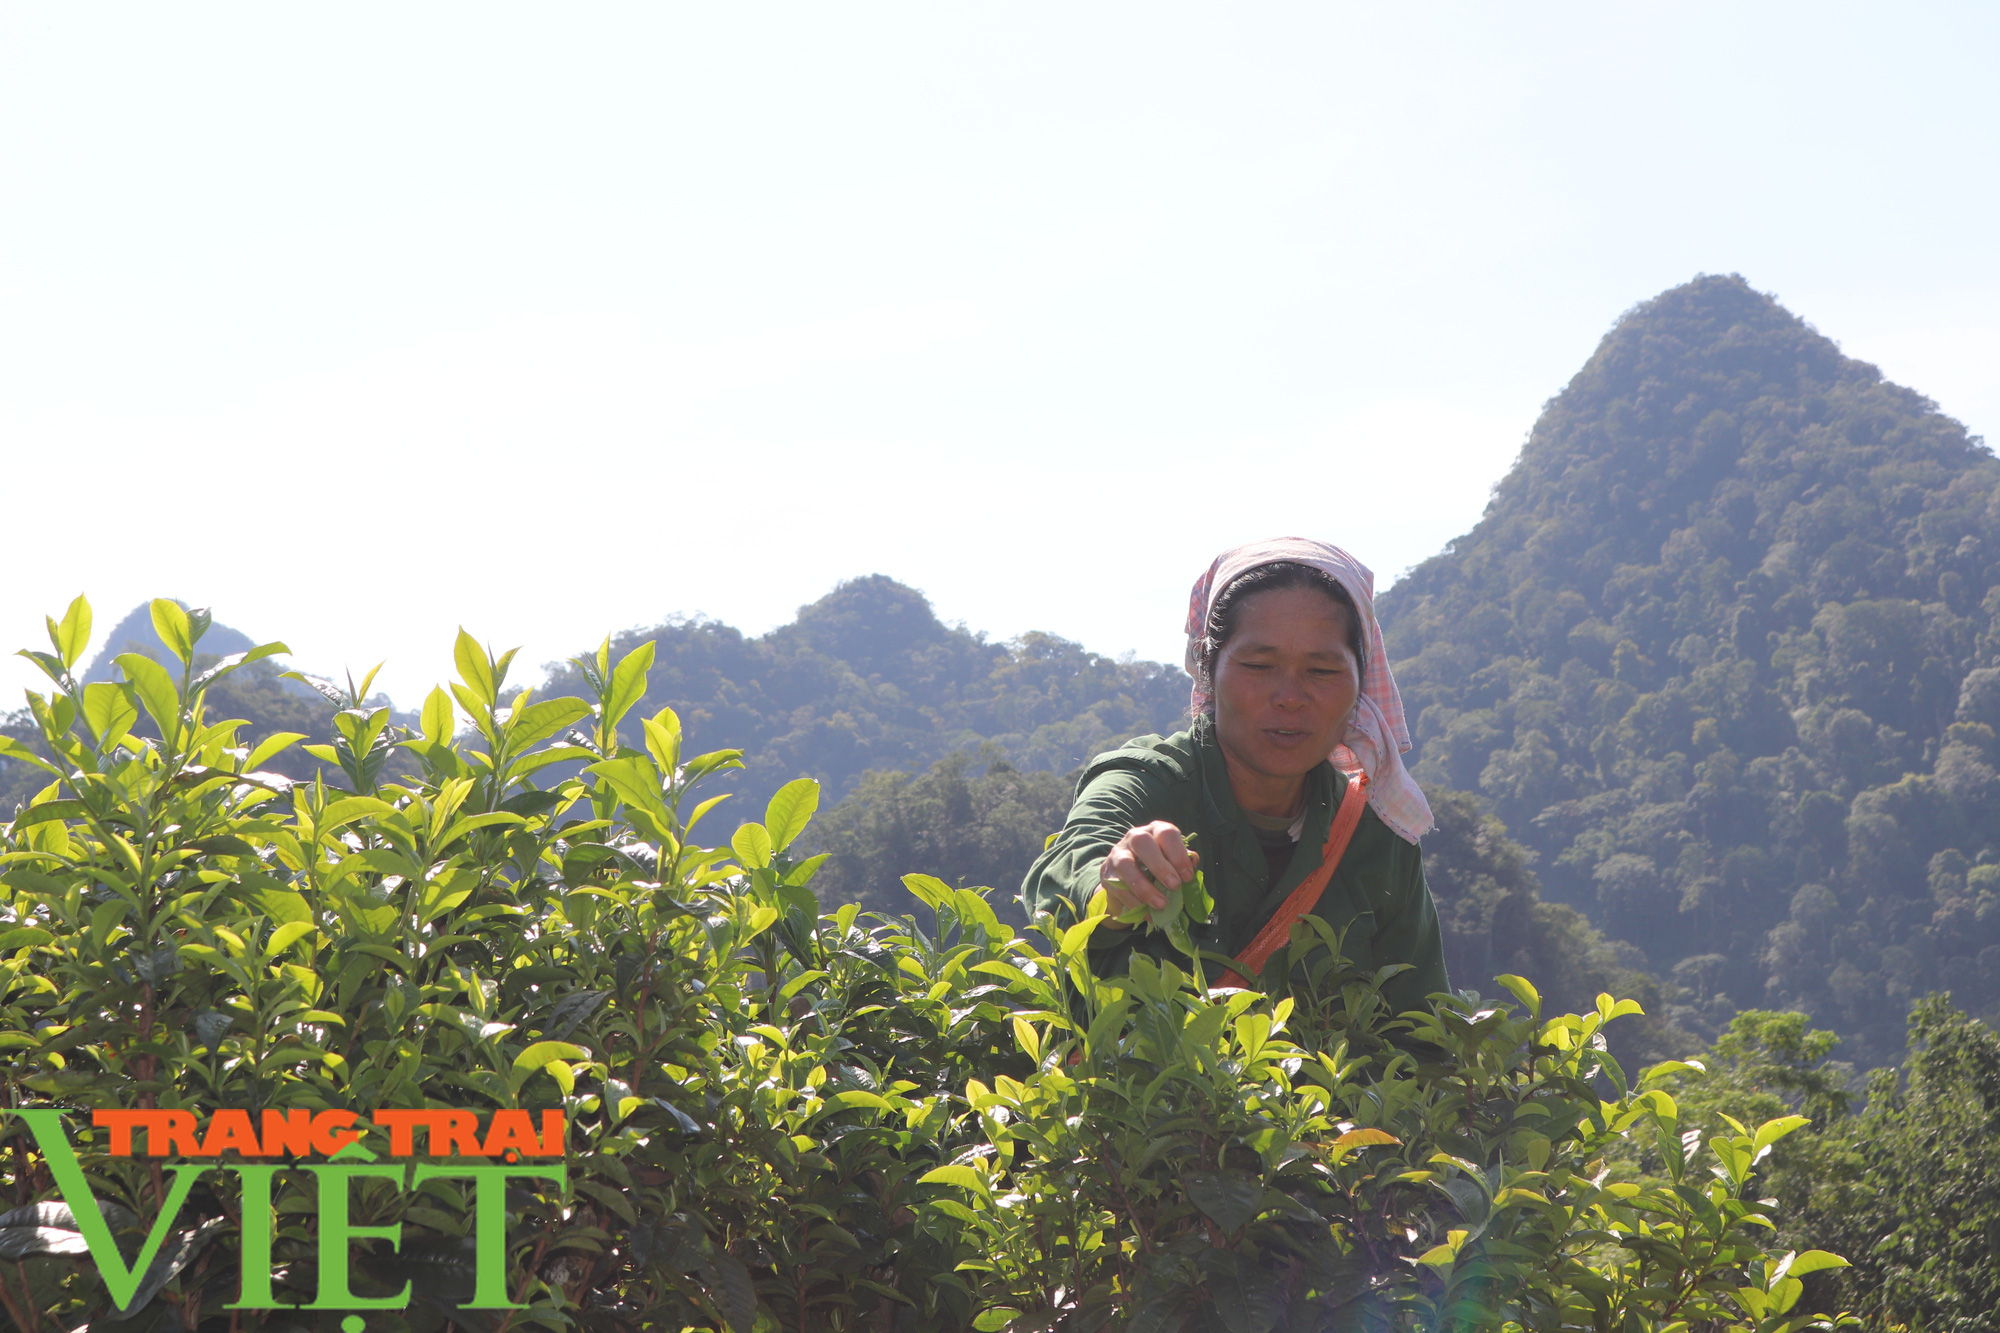 Cần xây dựng thương hiệu cho chè Shan tuyết Mường Do - Ảnh 2.